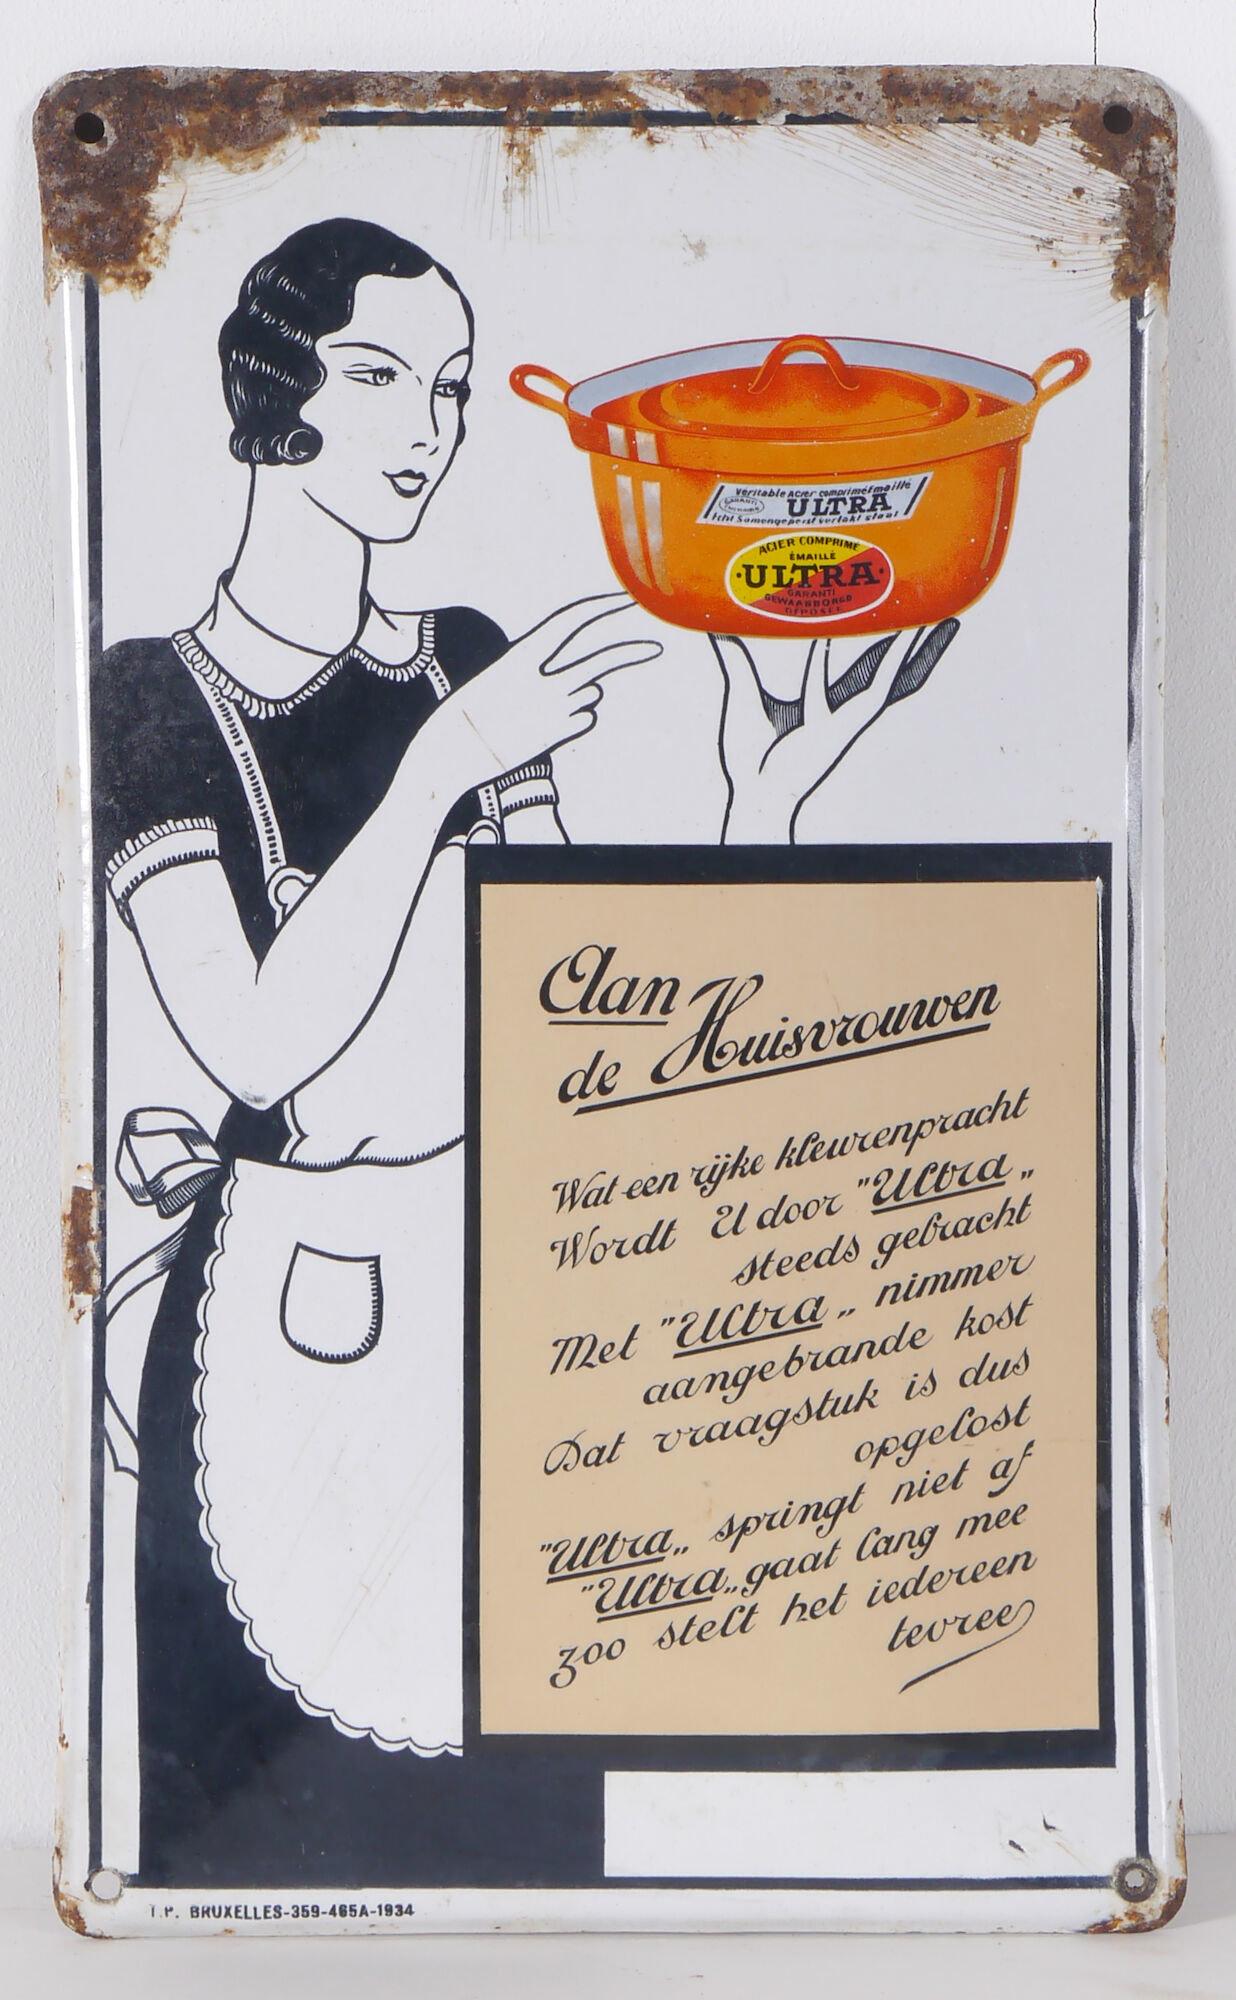 Geëmailleerd reclamebord voor kookpotten van Ultra